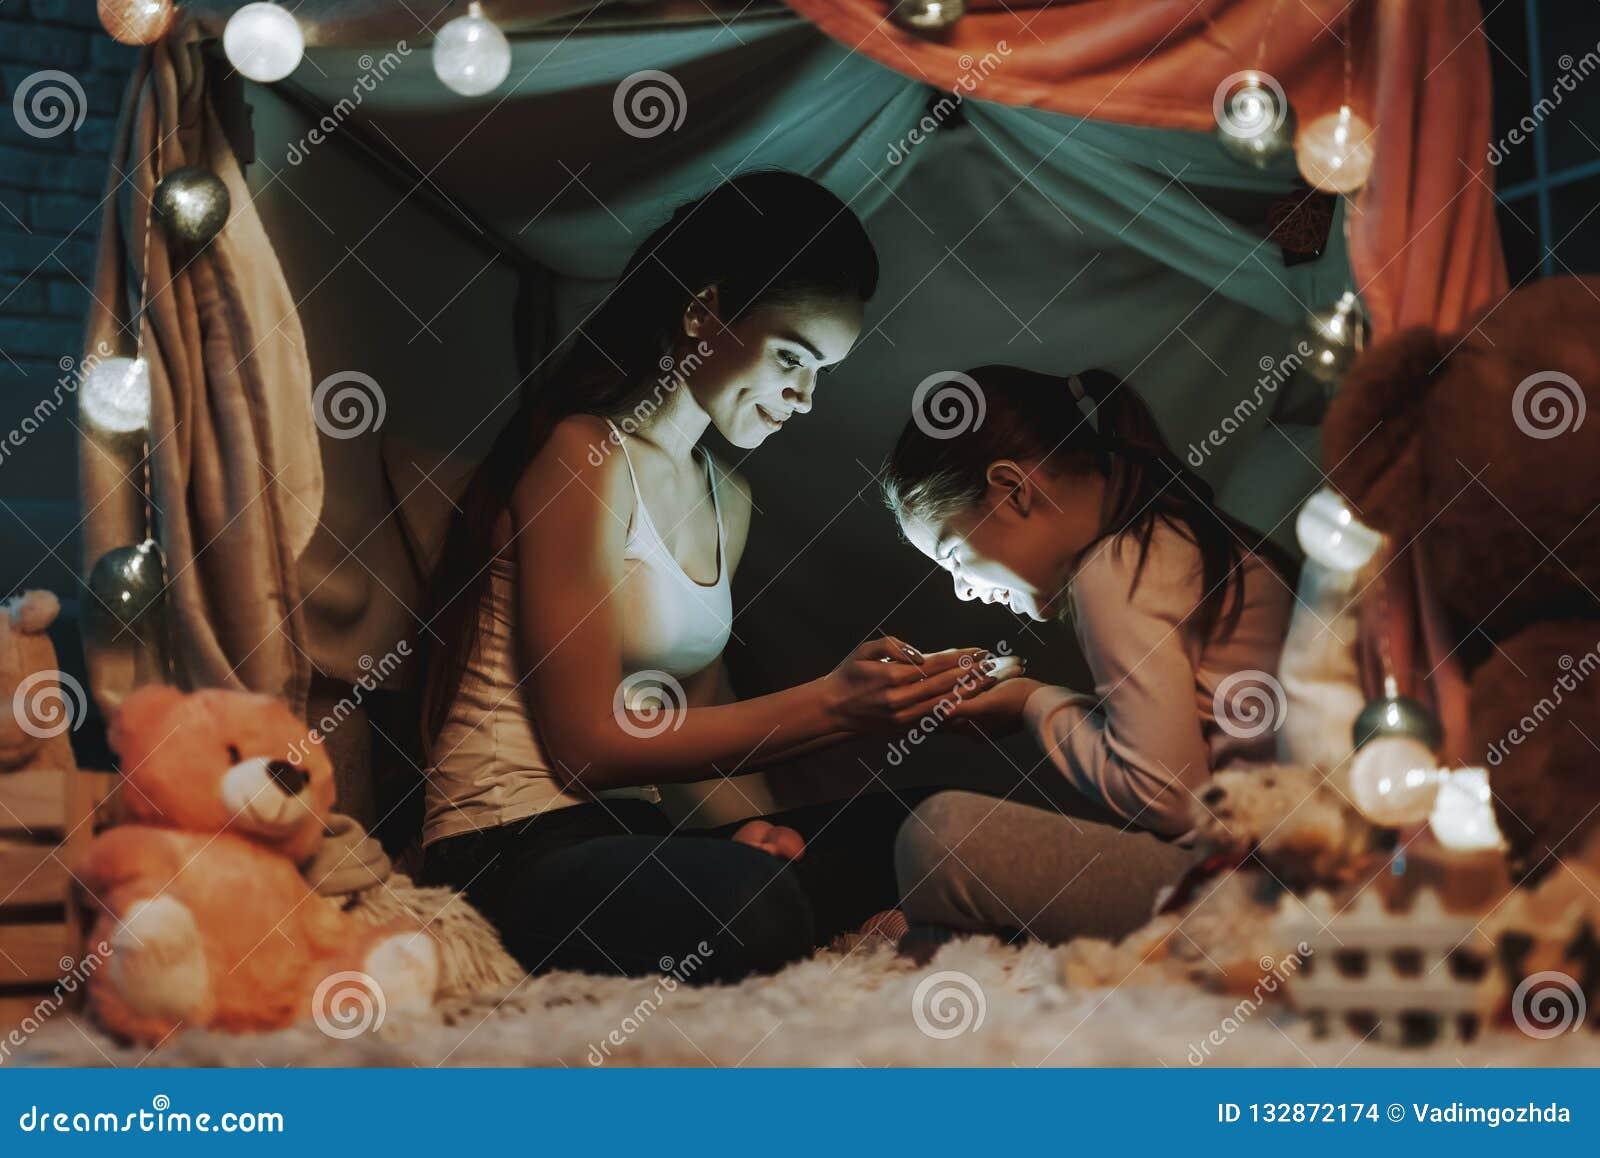 母亲和女儿在手上拿着光